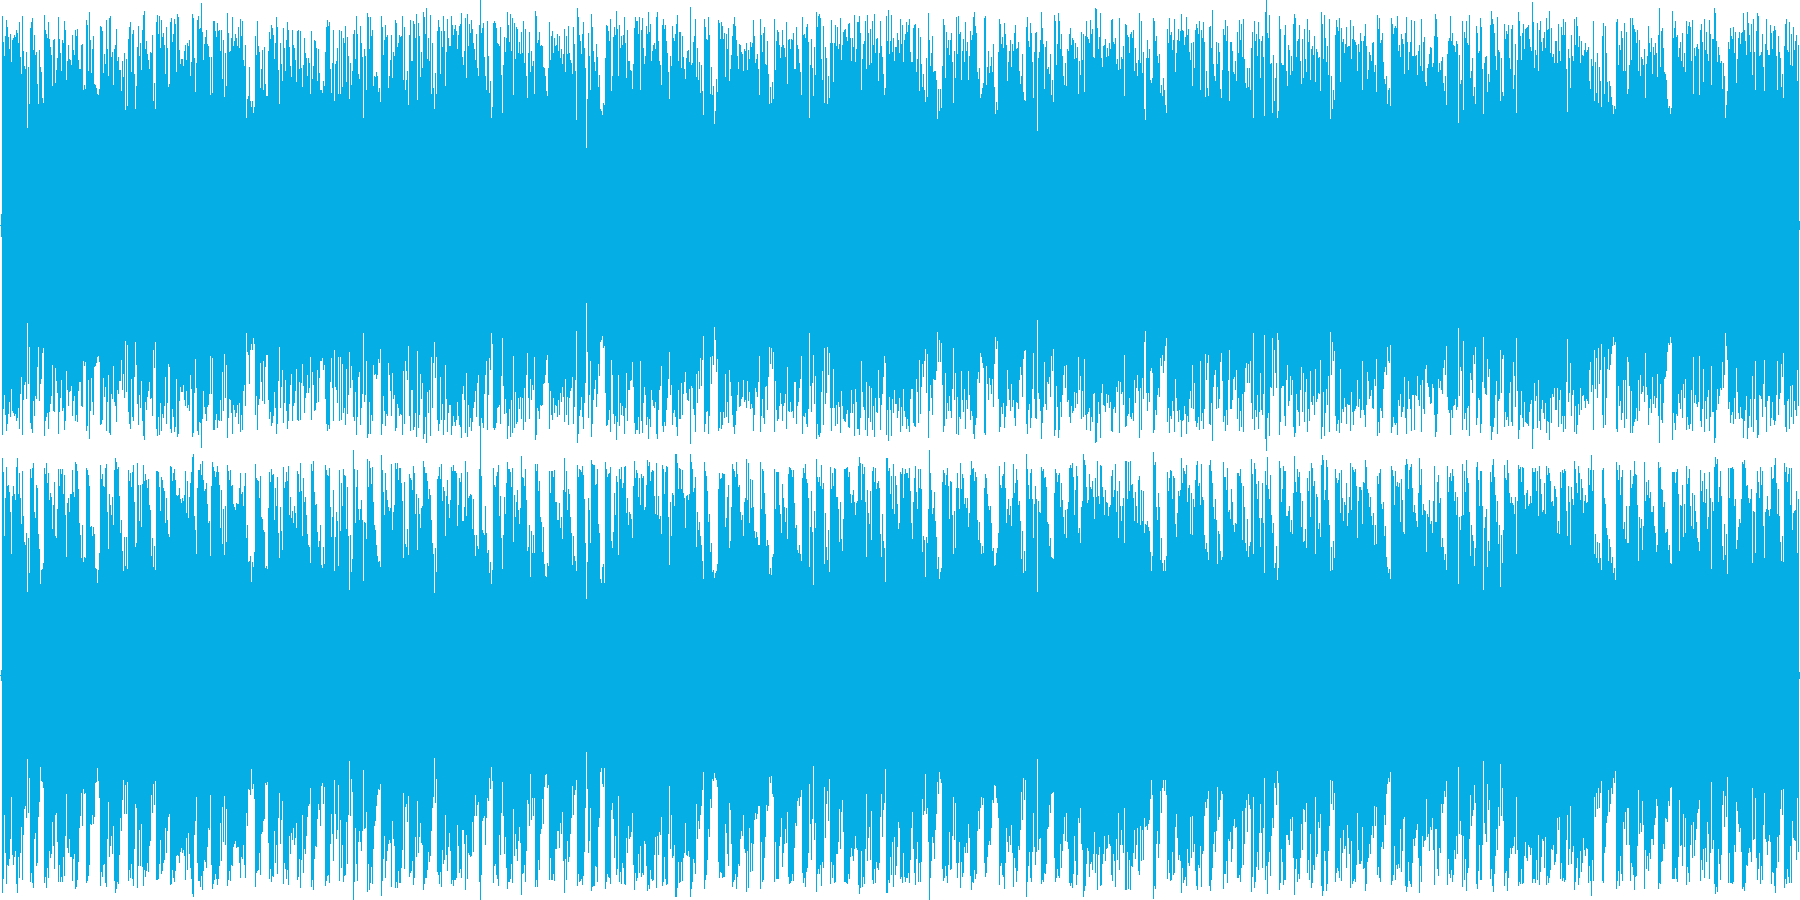 疾走感と緊張感があるロックテイストの楽…の再生済みの波形